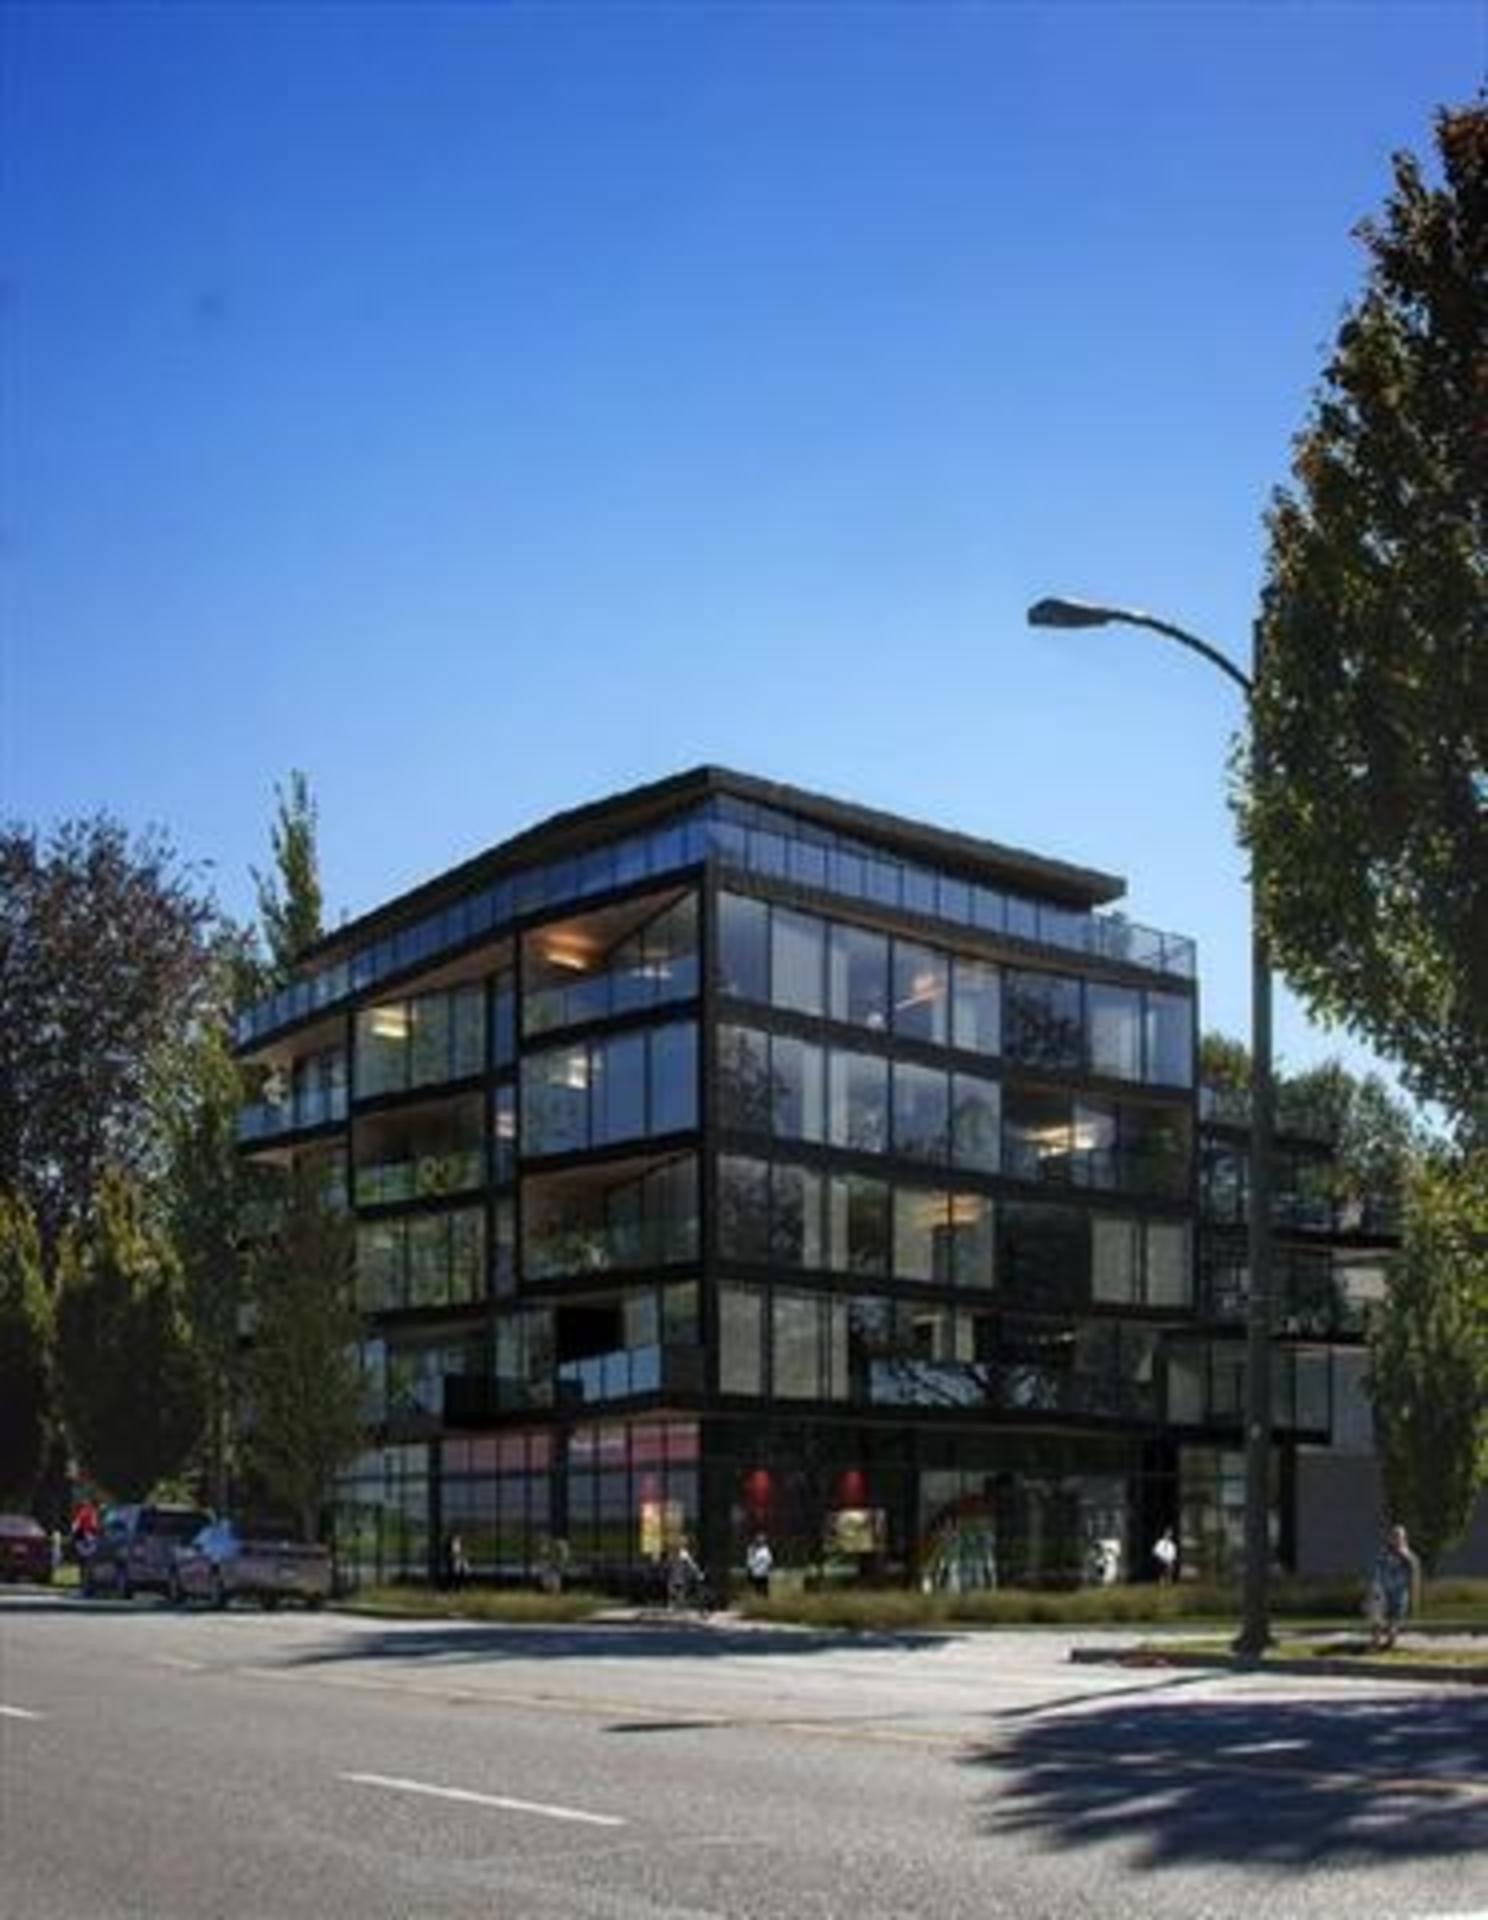 dfb1ee009595b89a1d5d6aff1f0232bd at 5119 Main Street, Main, Vancouver East